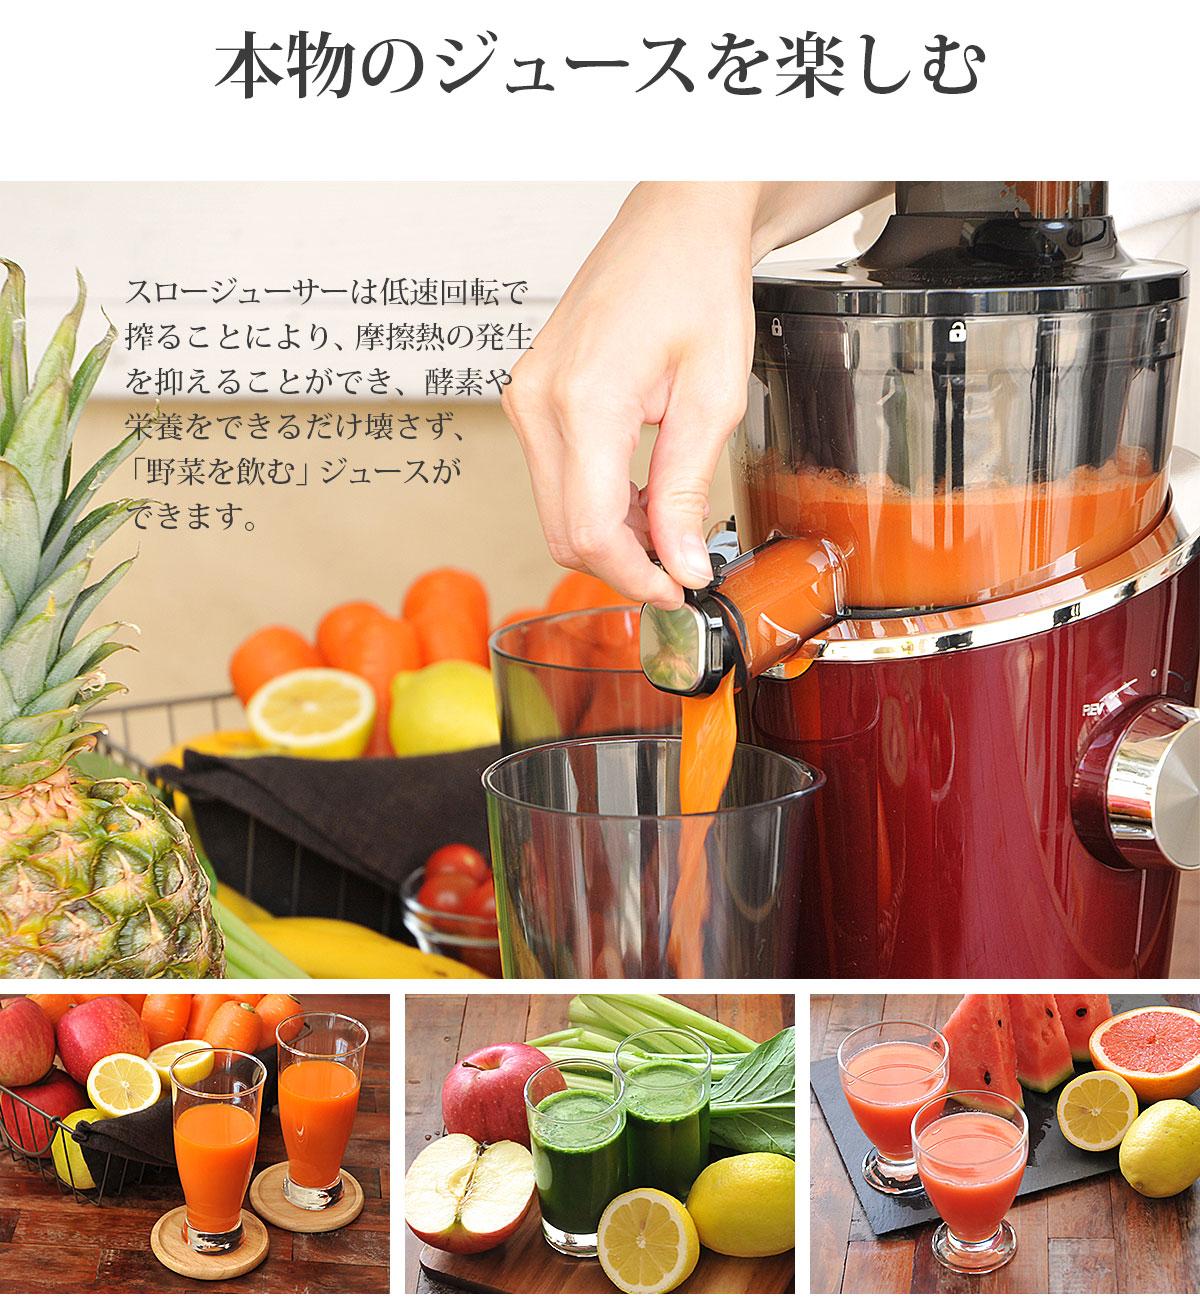 本物のジュースを楽しむ スロージューサーは低速回転で搾ることにより、摩擦熱の発生を抑えることができ、酵素や栄養をできるだけ壊さず、「野菜を飲む」ジュースができます